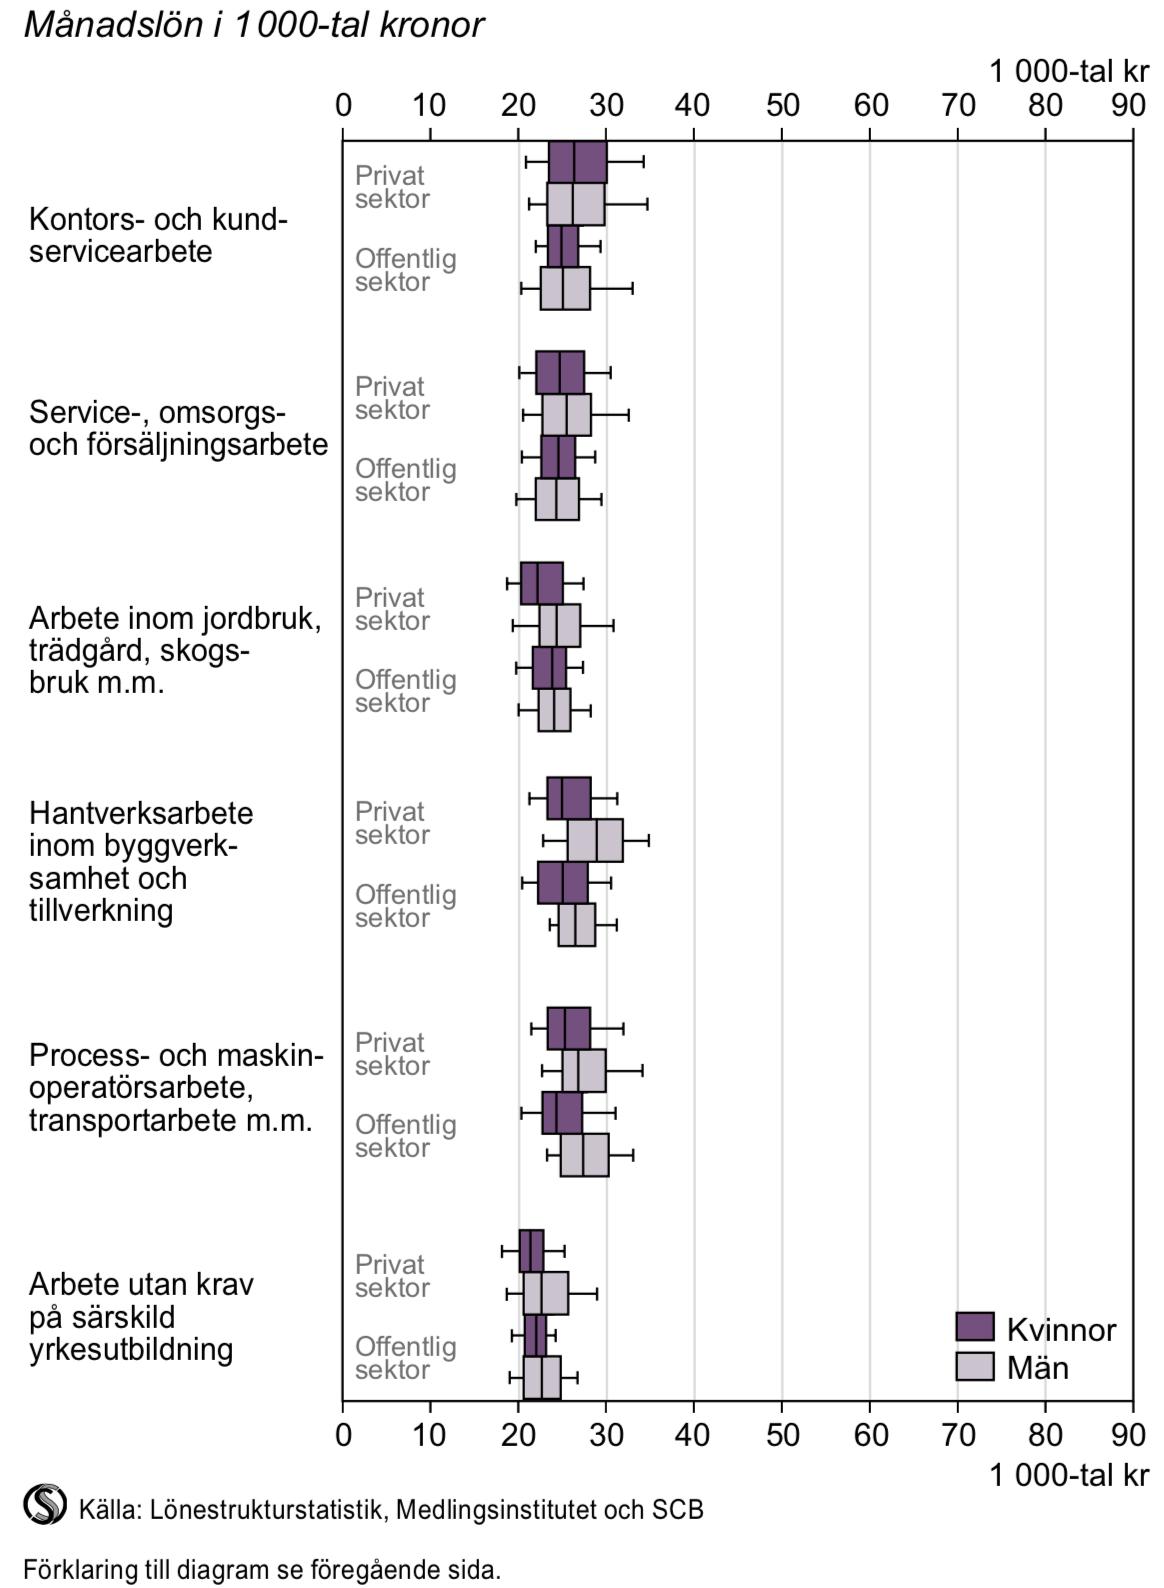 Lönespridning efter yrkesområden som normalt inte kräver högskoleutbildning 2014